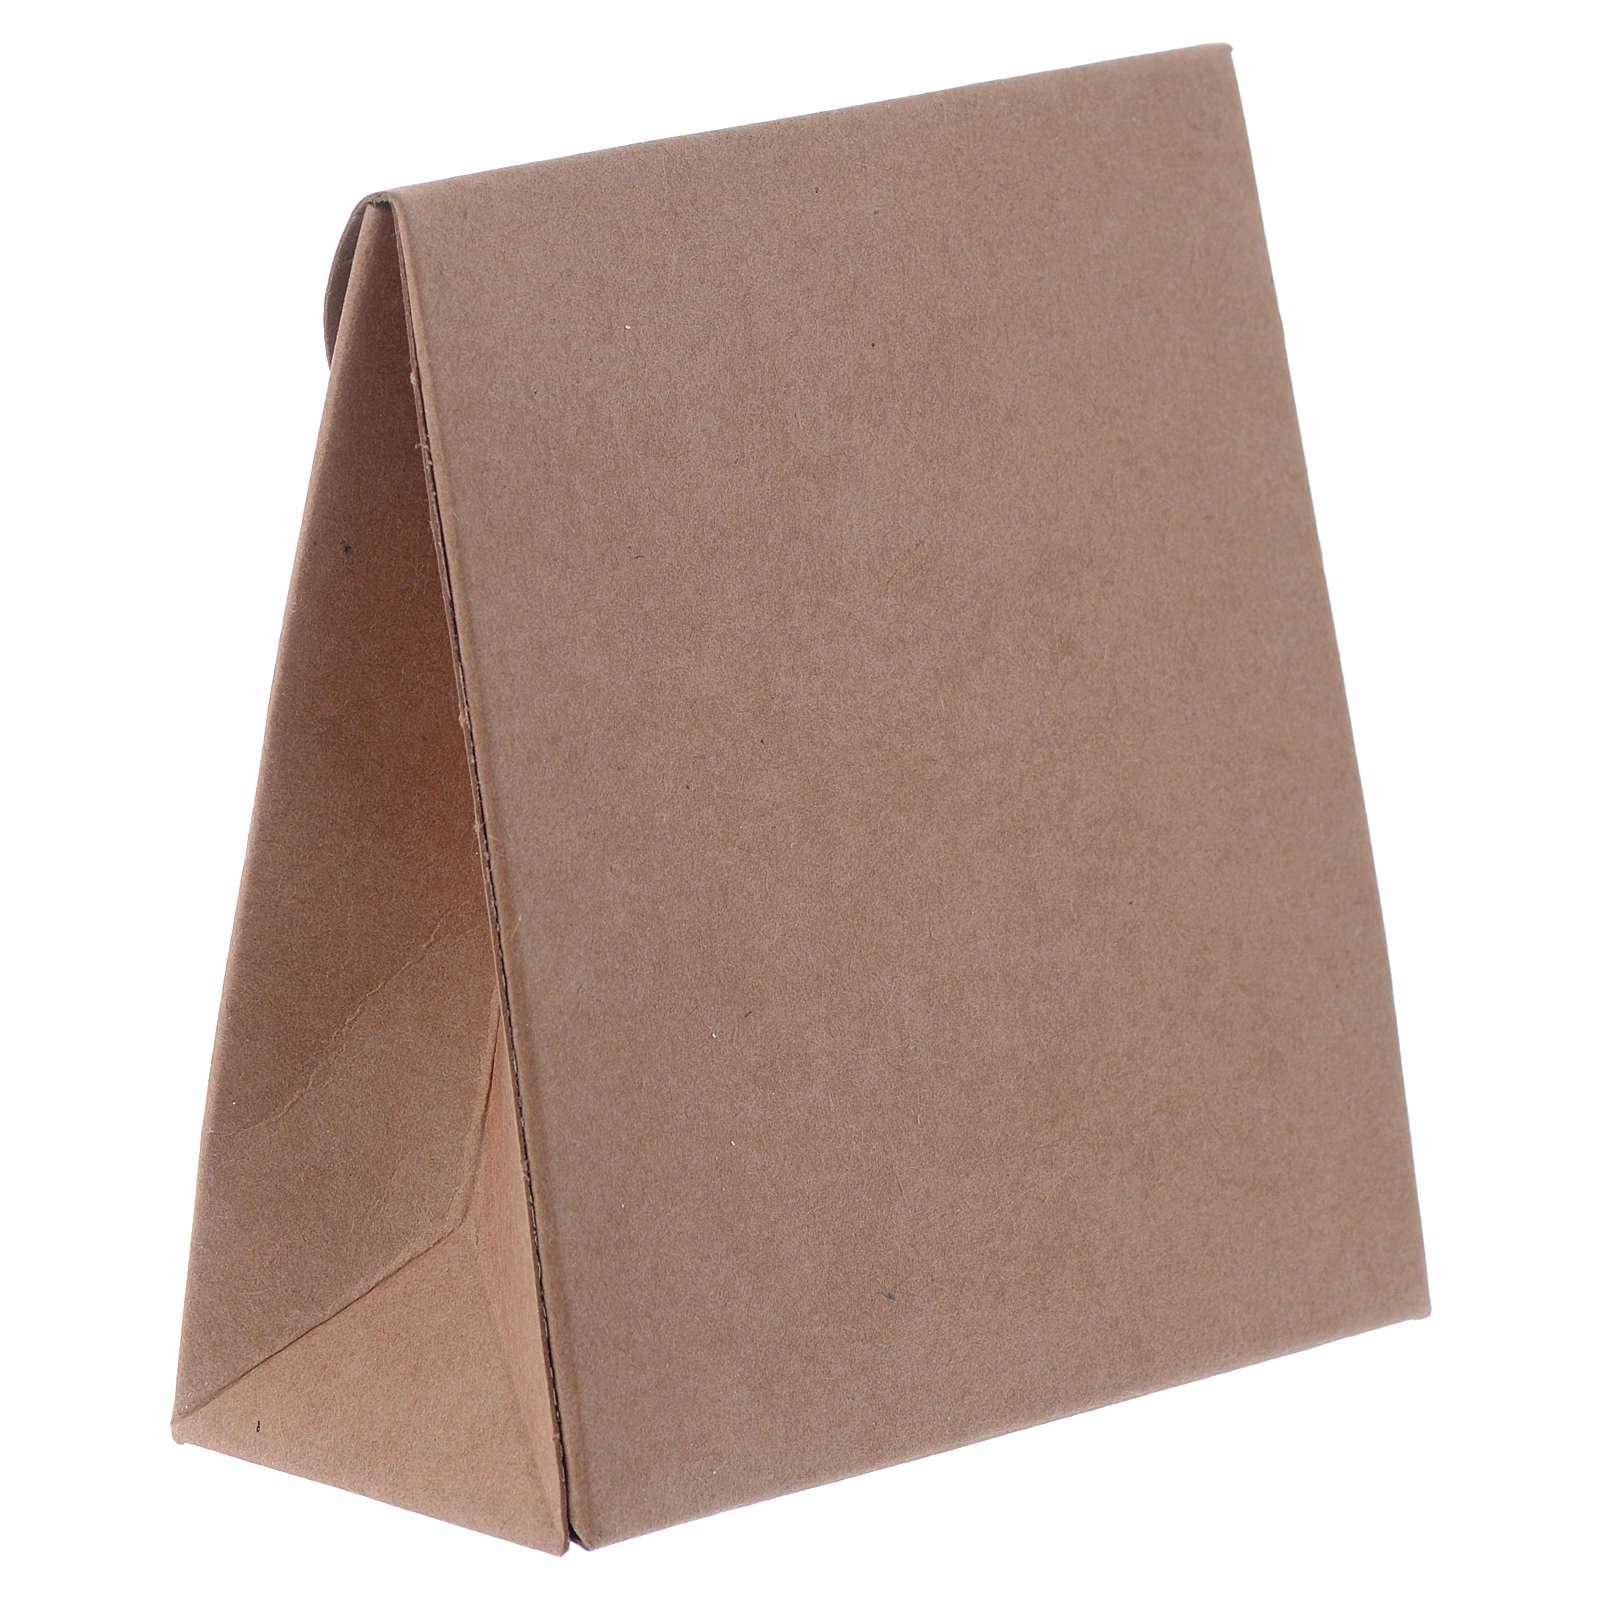 Boîte bonbonnière Communion sachet h 8 cm 3